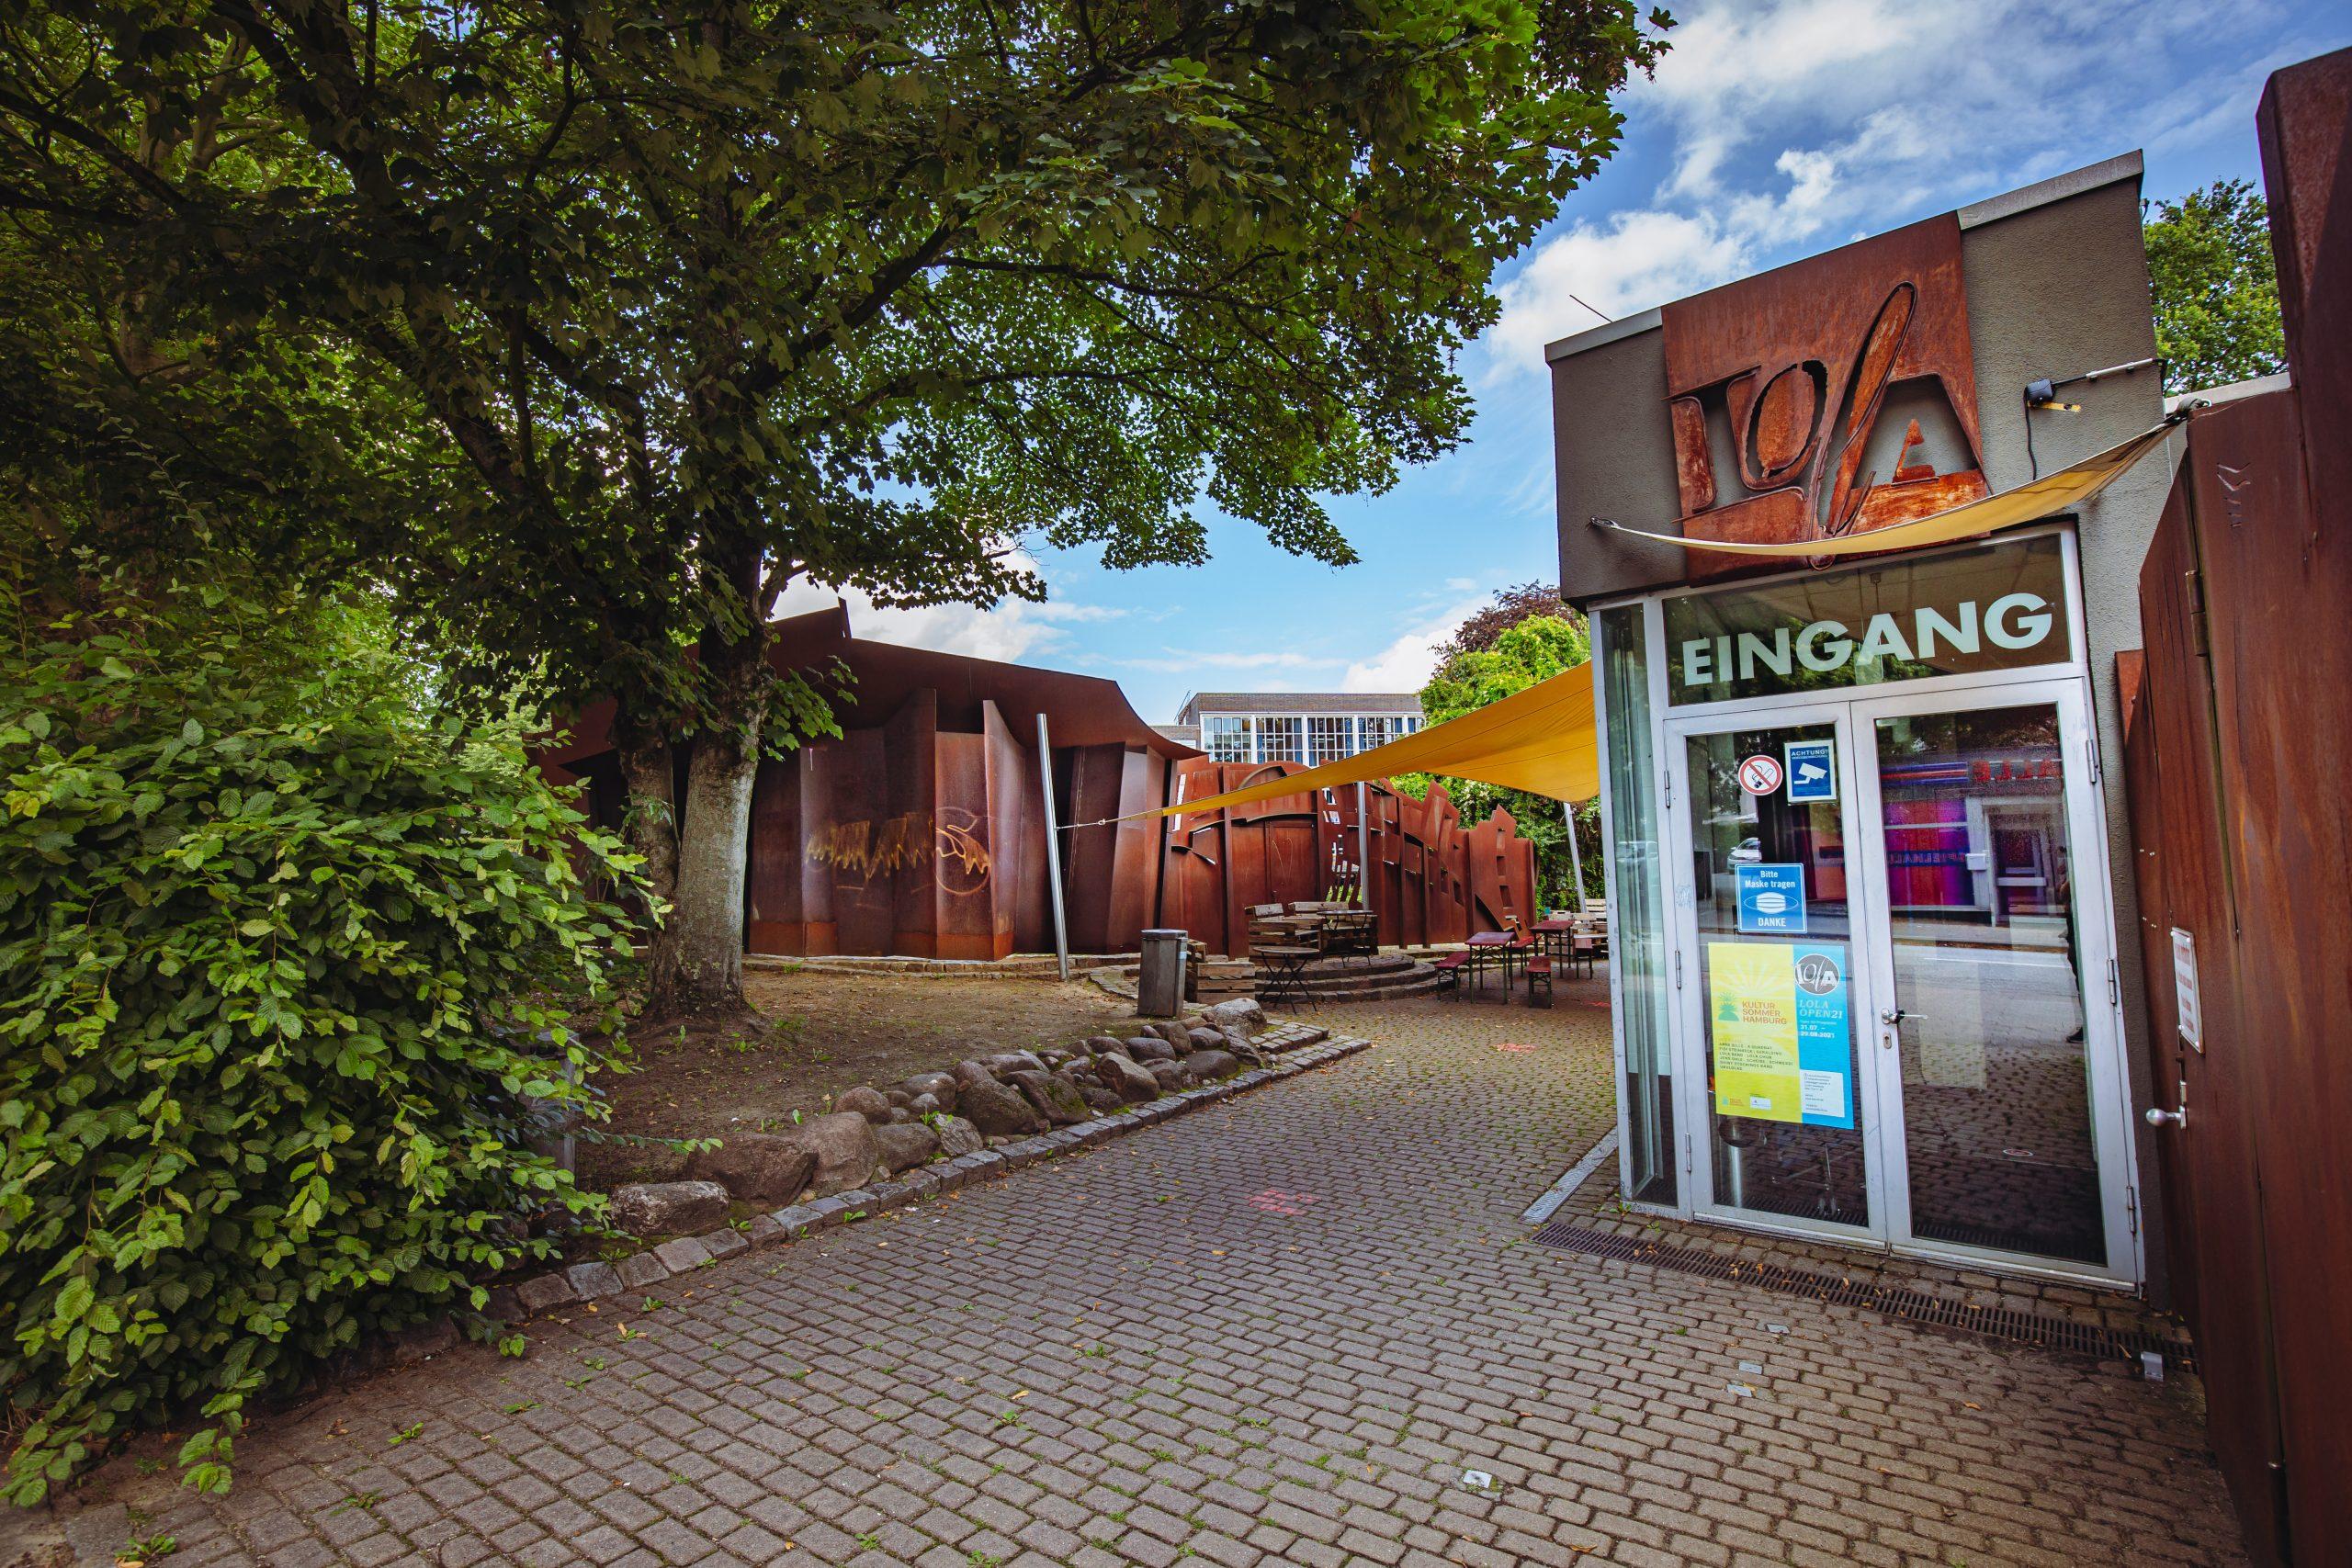 Eingangsbereich nes Kulturzentrums Lola